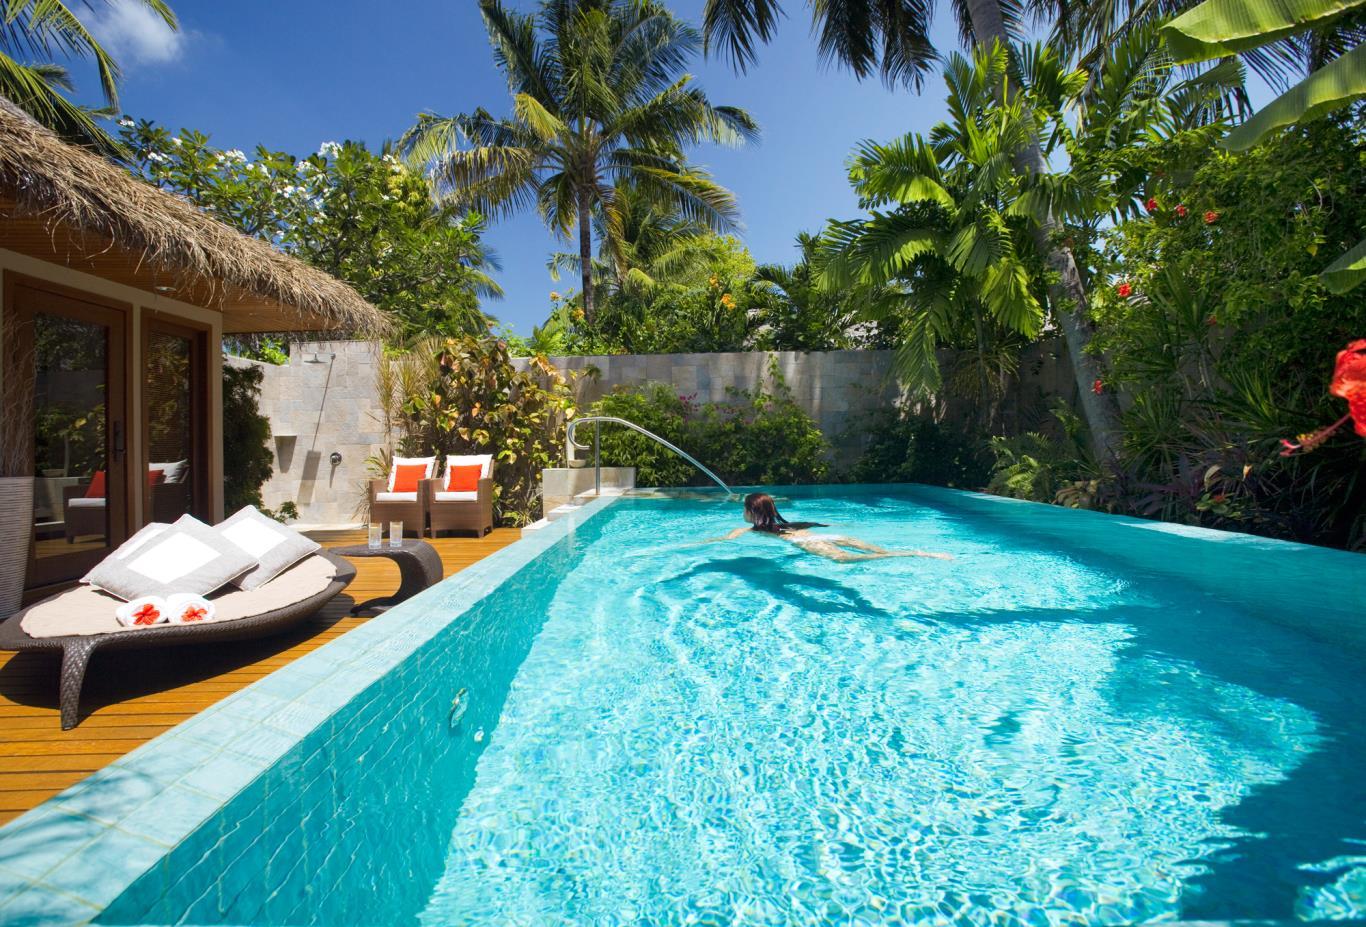 Baros Residence Pool